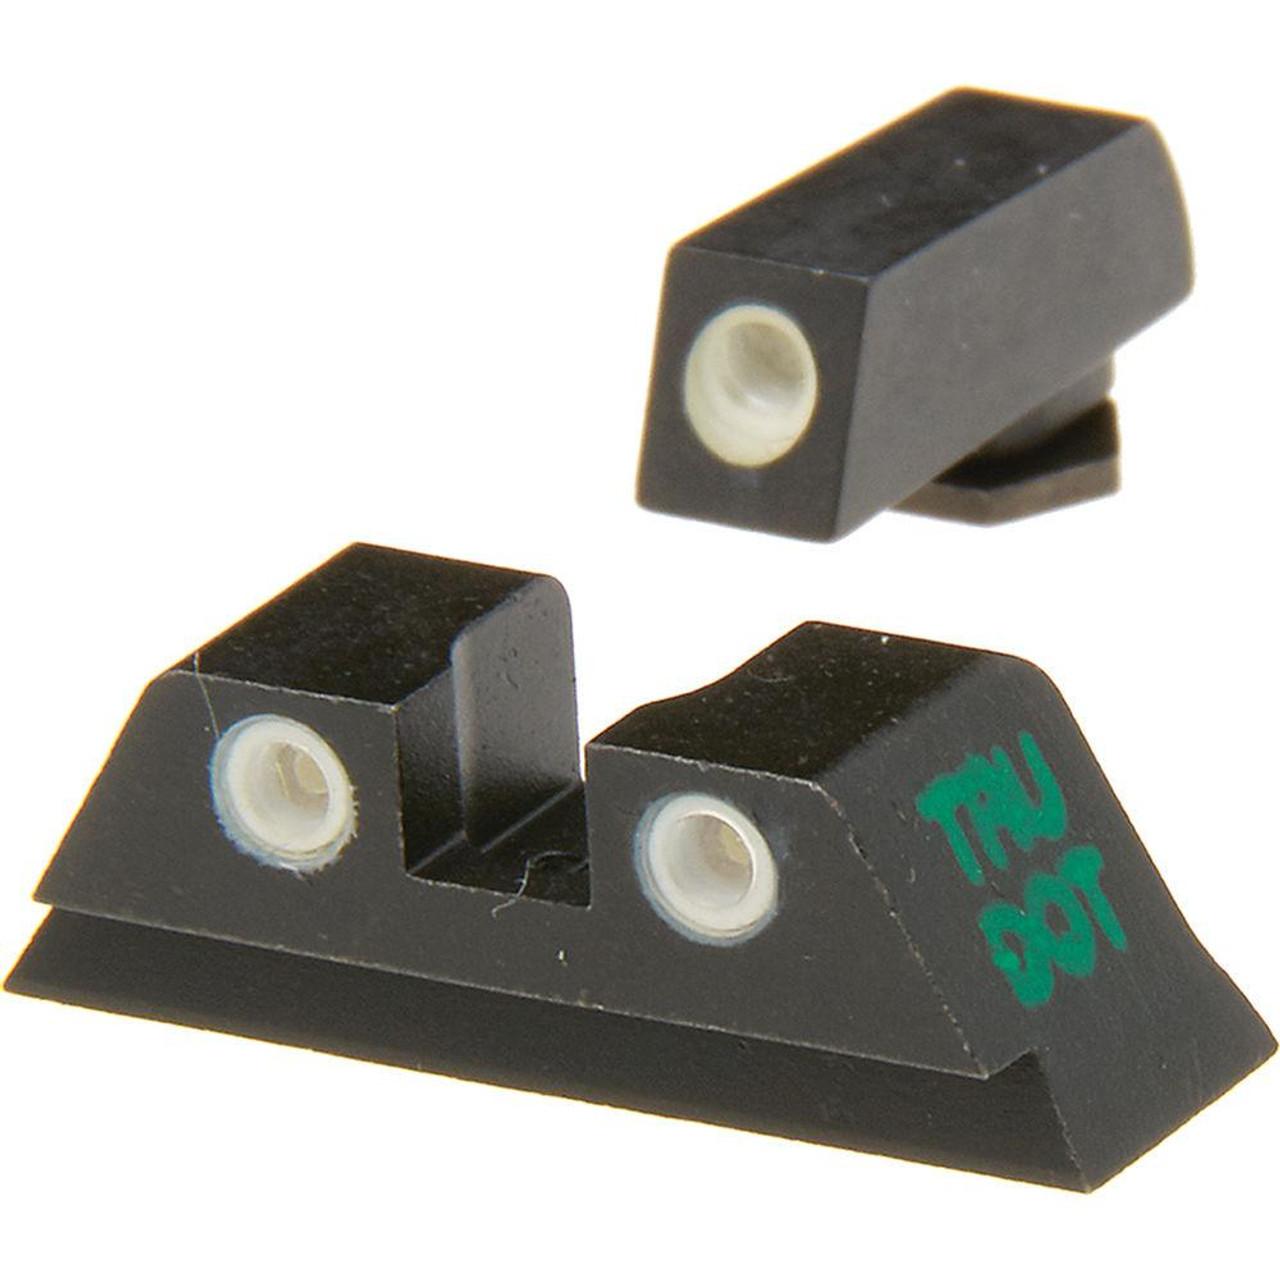 Meprolight Tru-Dot Tritium Handgun Sights